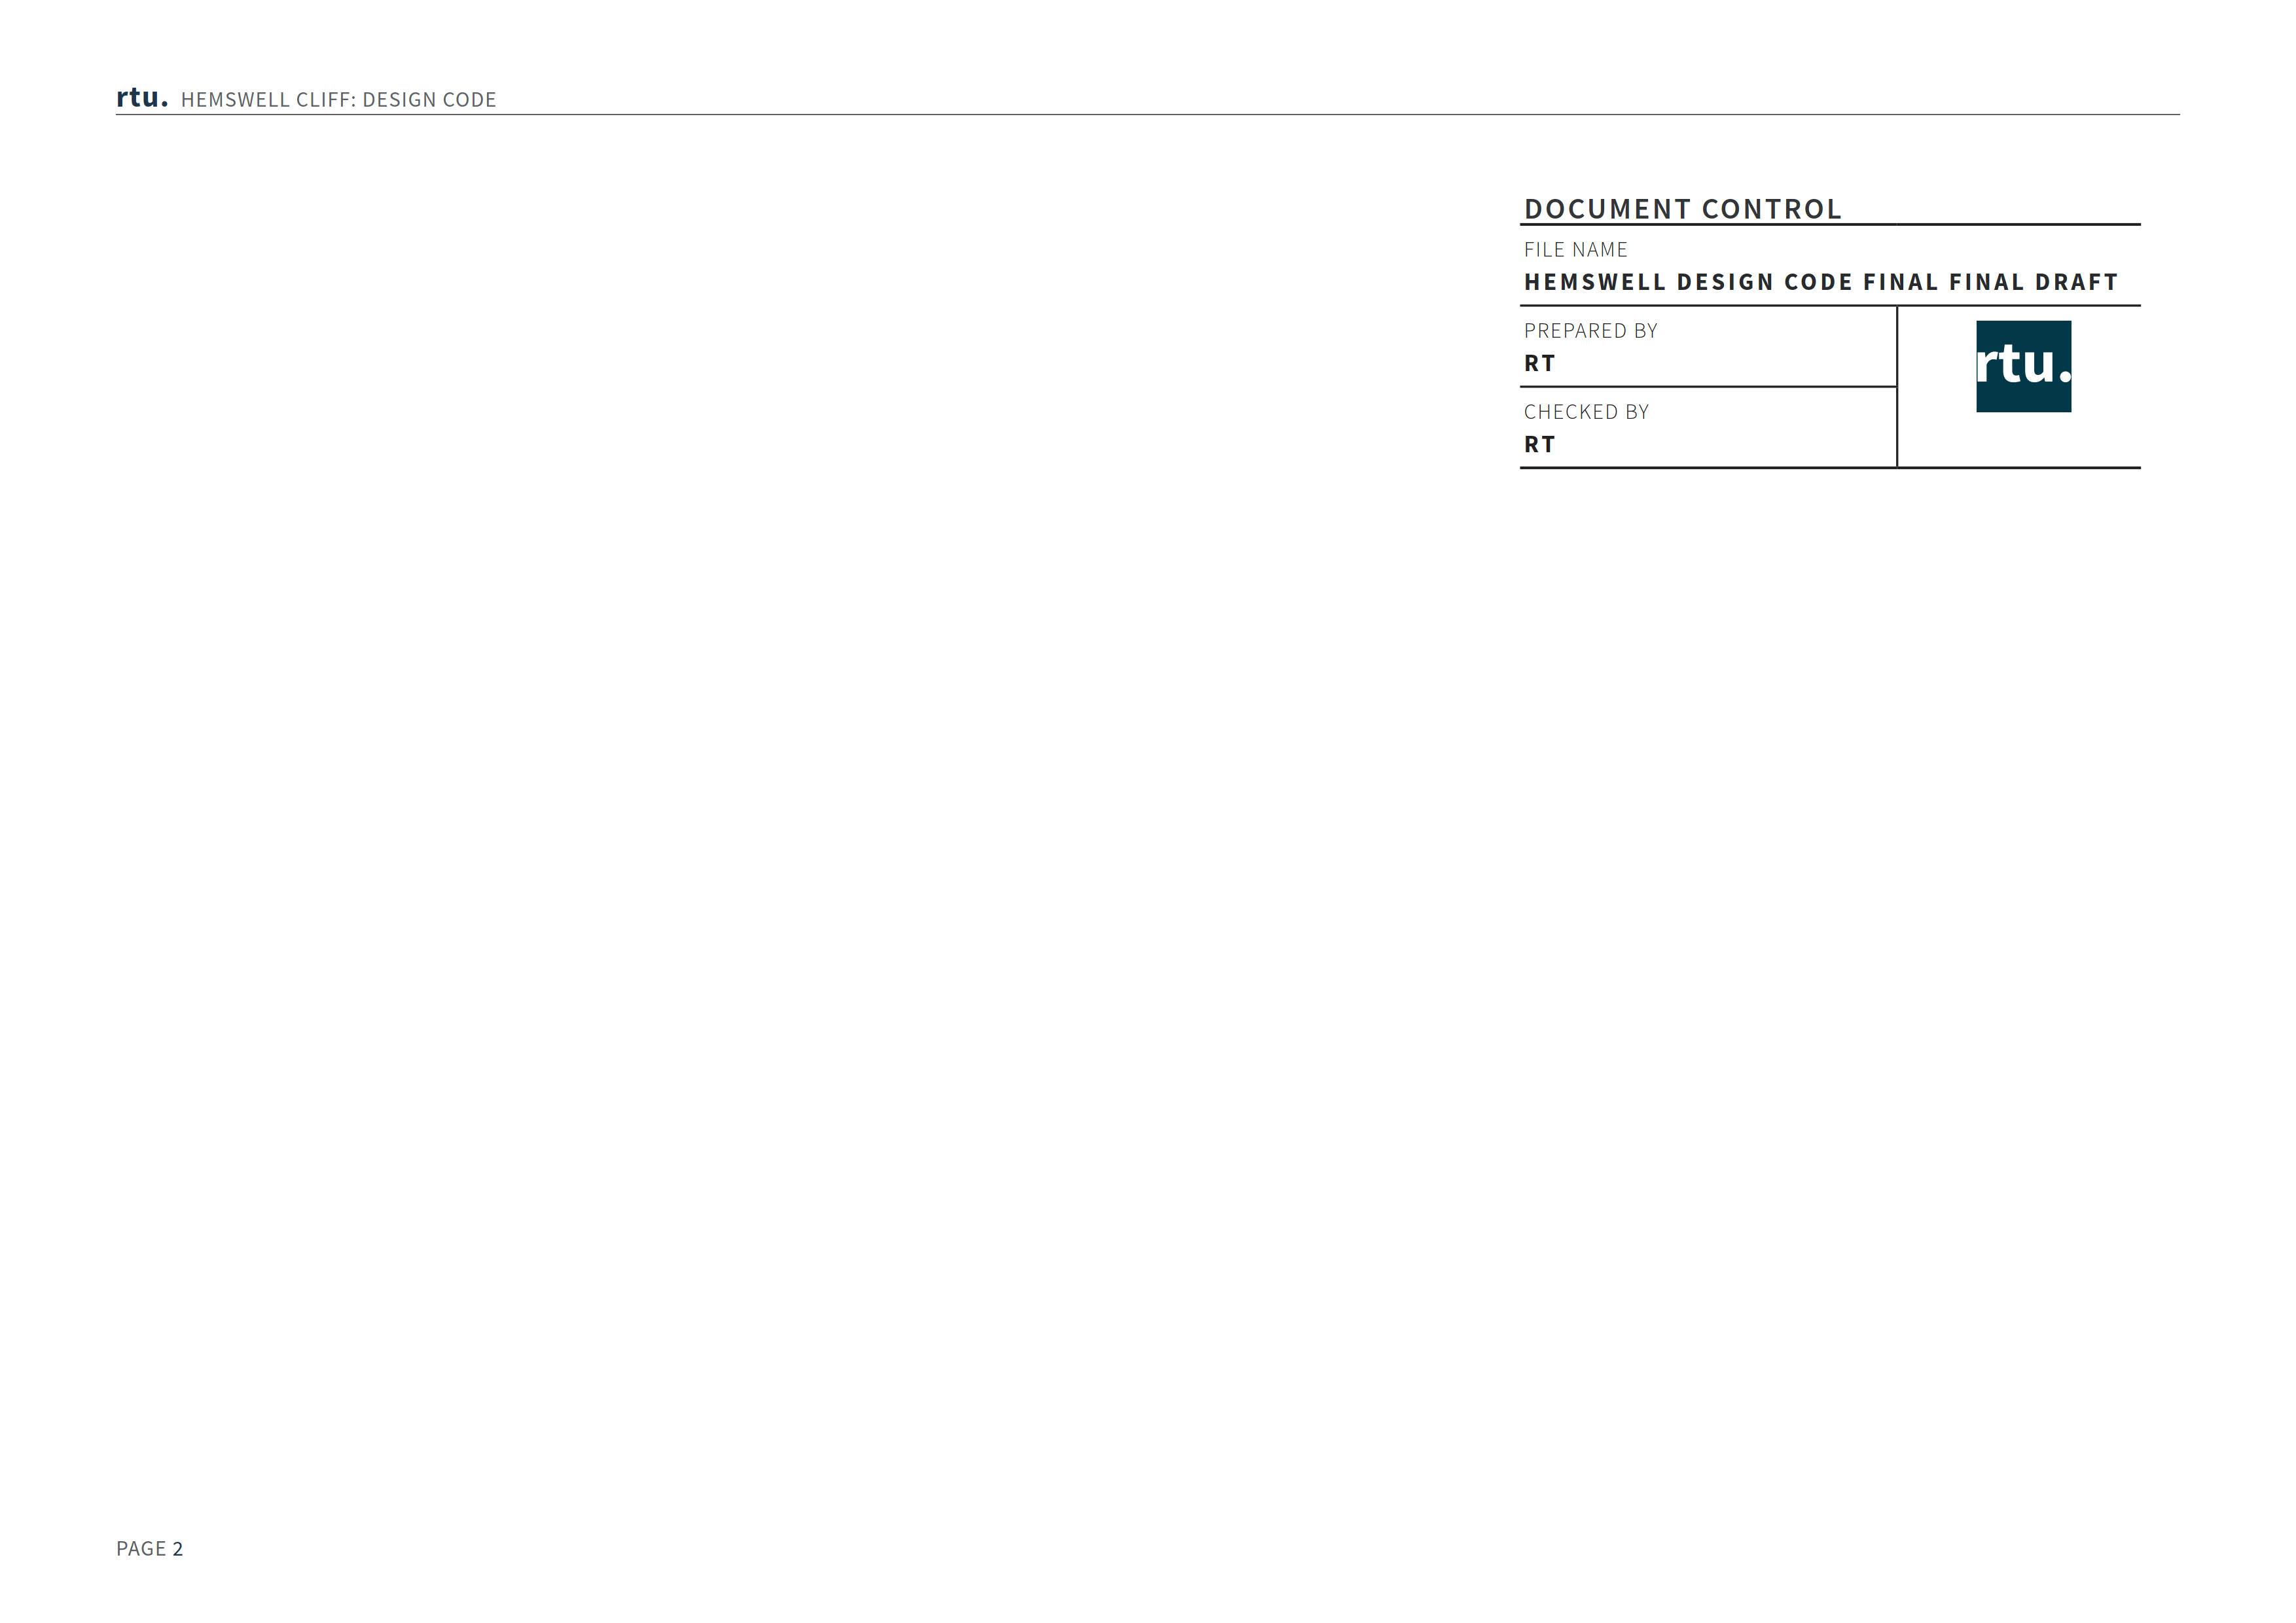 Item_15_Hemswell_Design_Code_Final_02.jpg